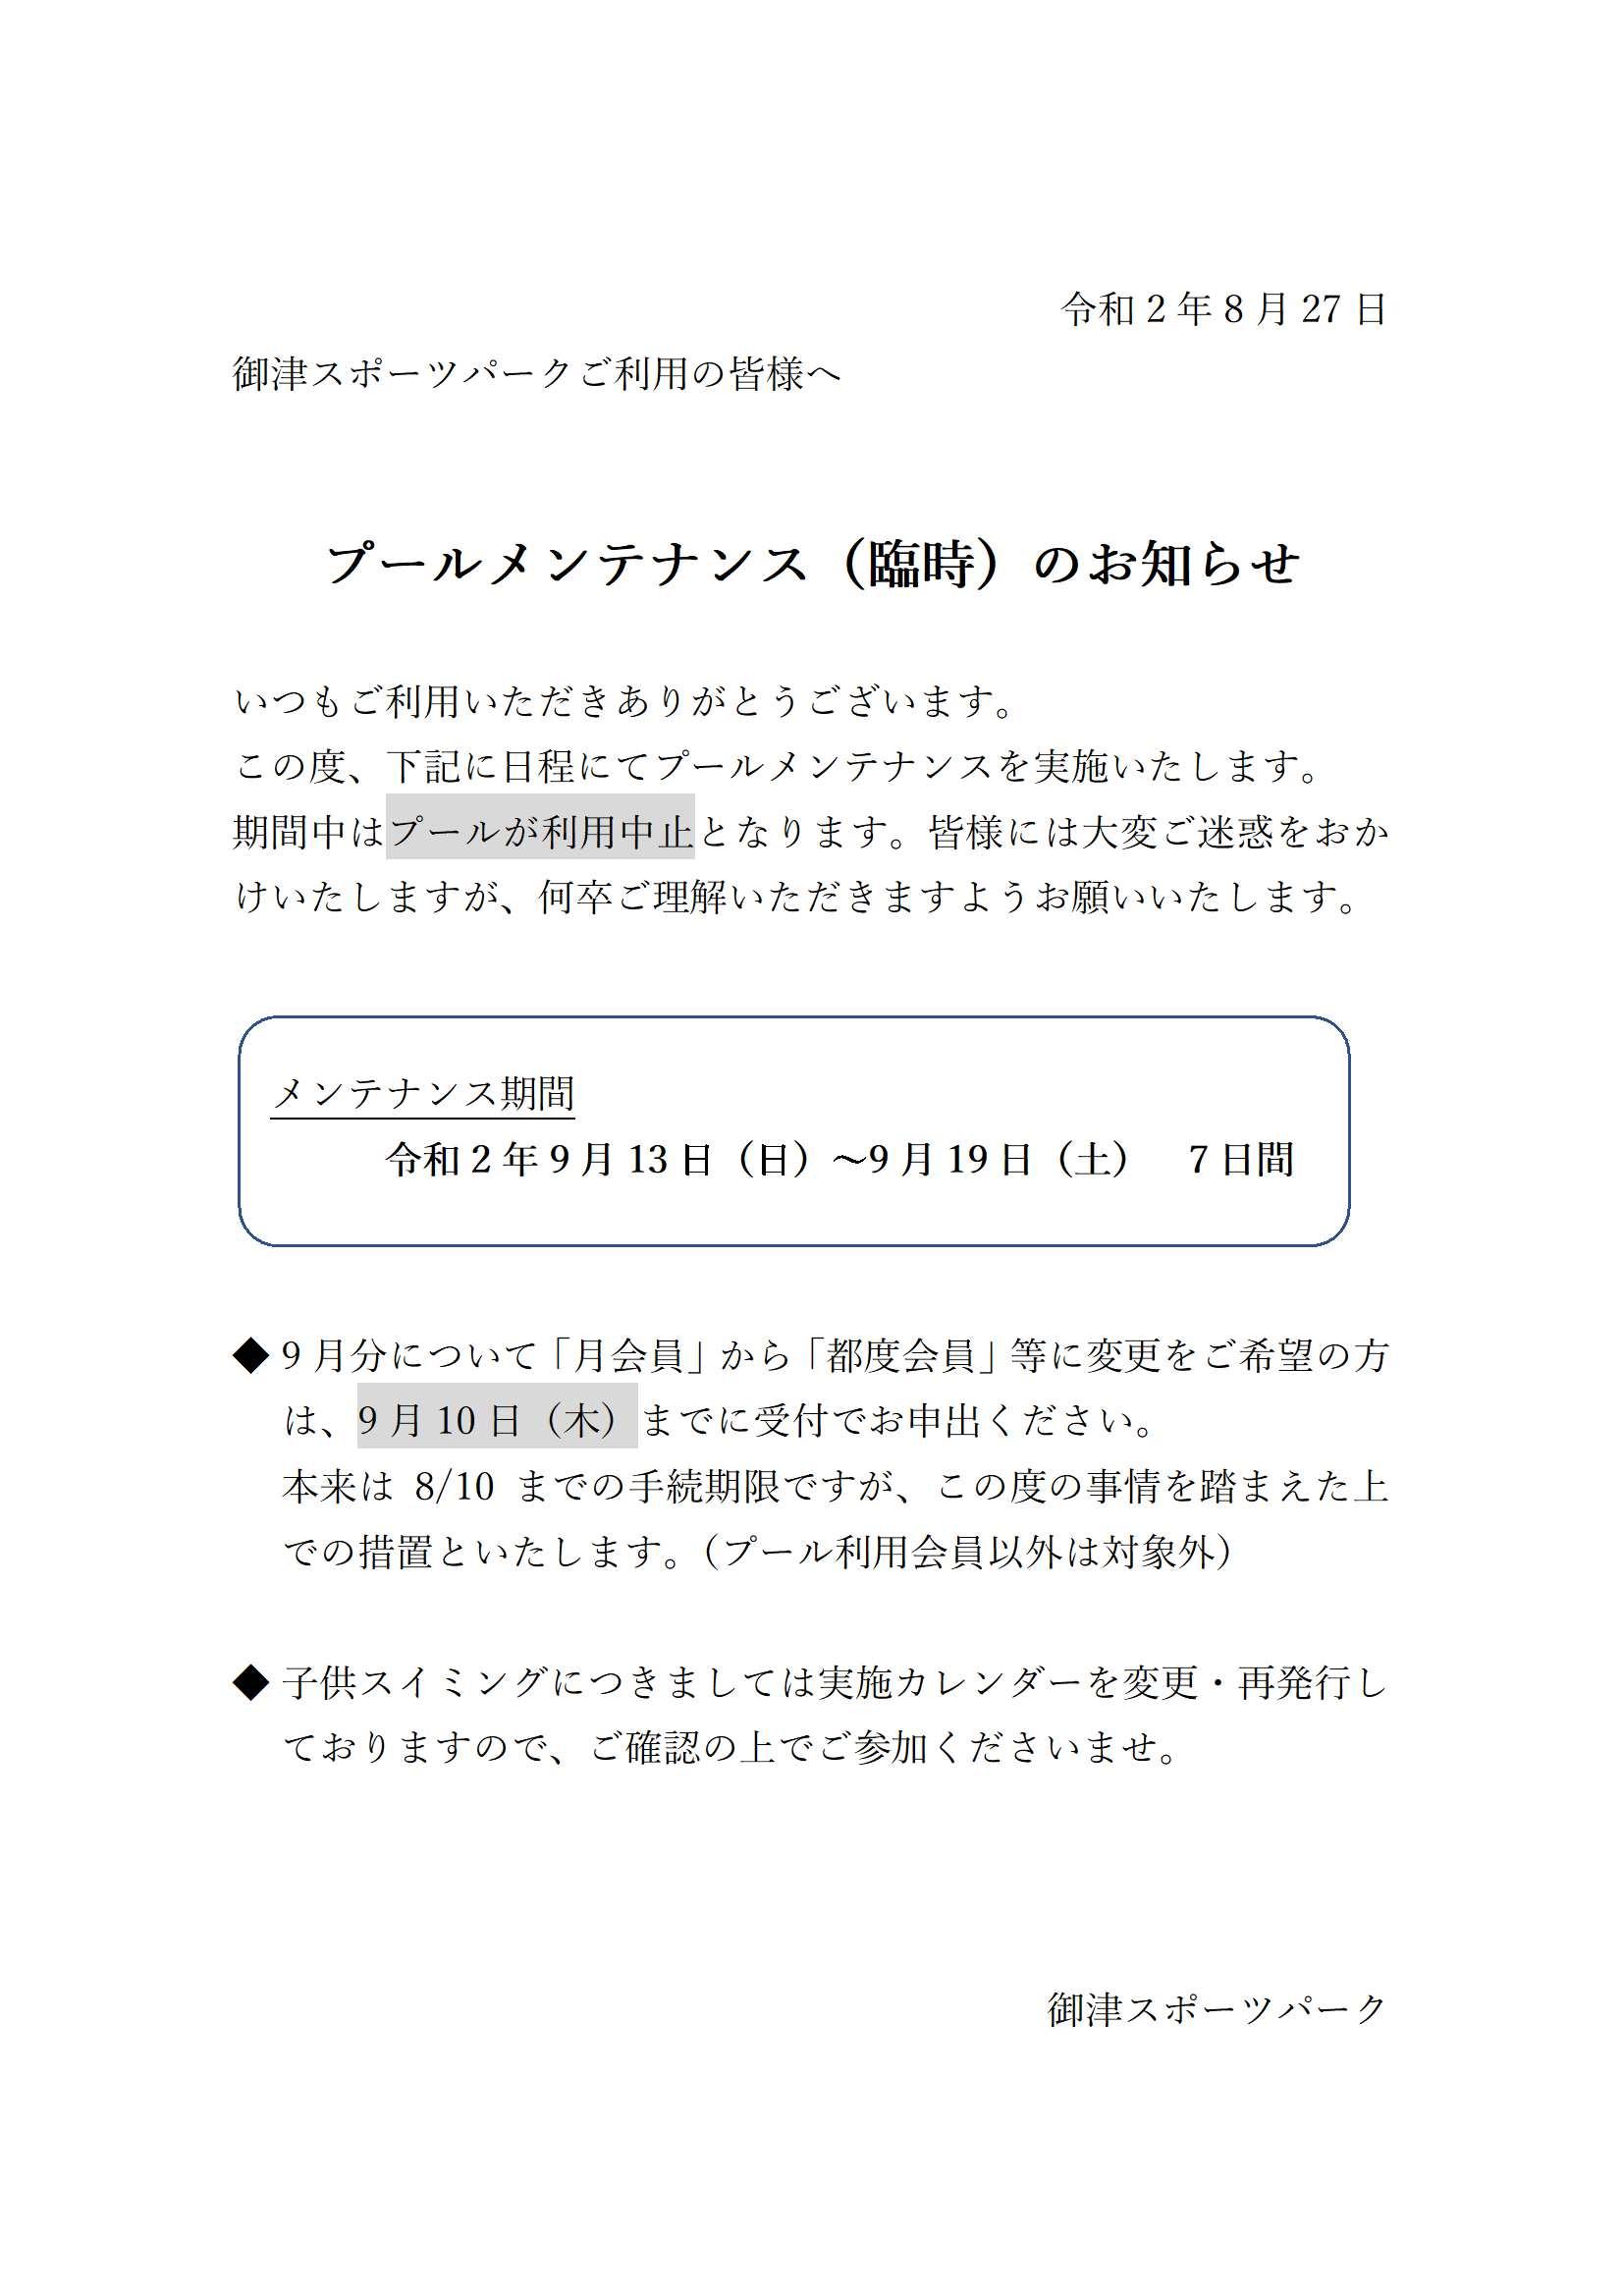 プールメンテナンス休業.jpg